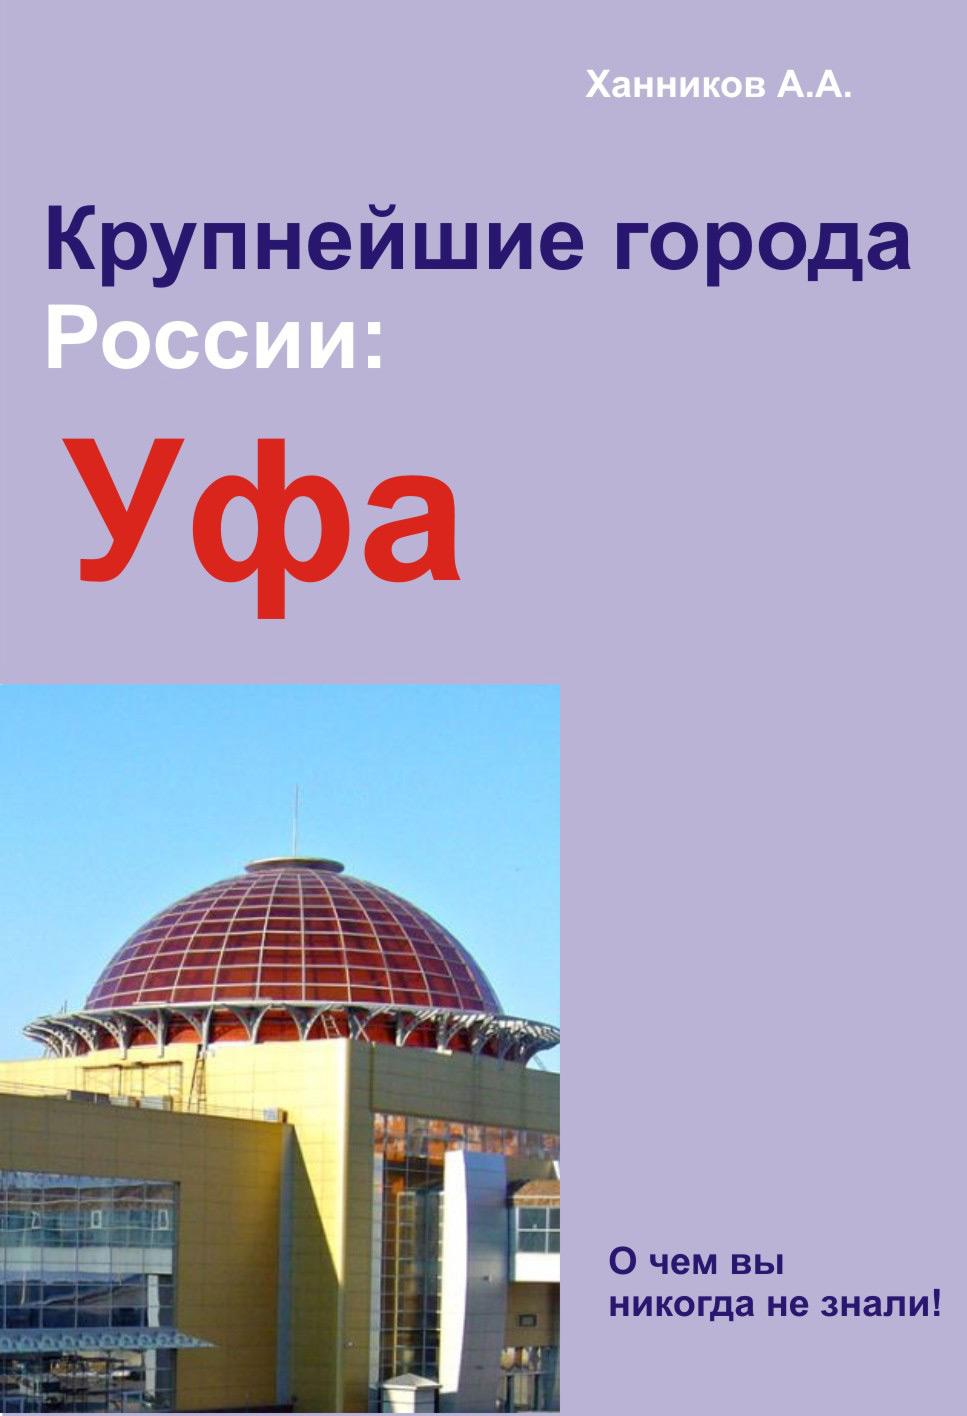 Александр Ханников Уфа авиарейсы уфа москва